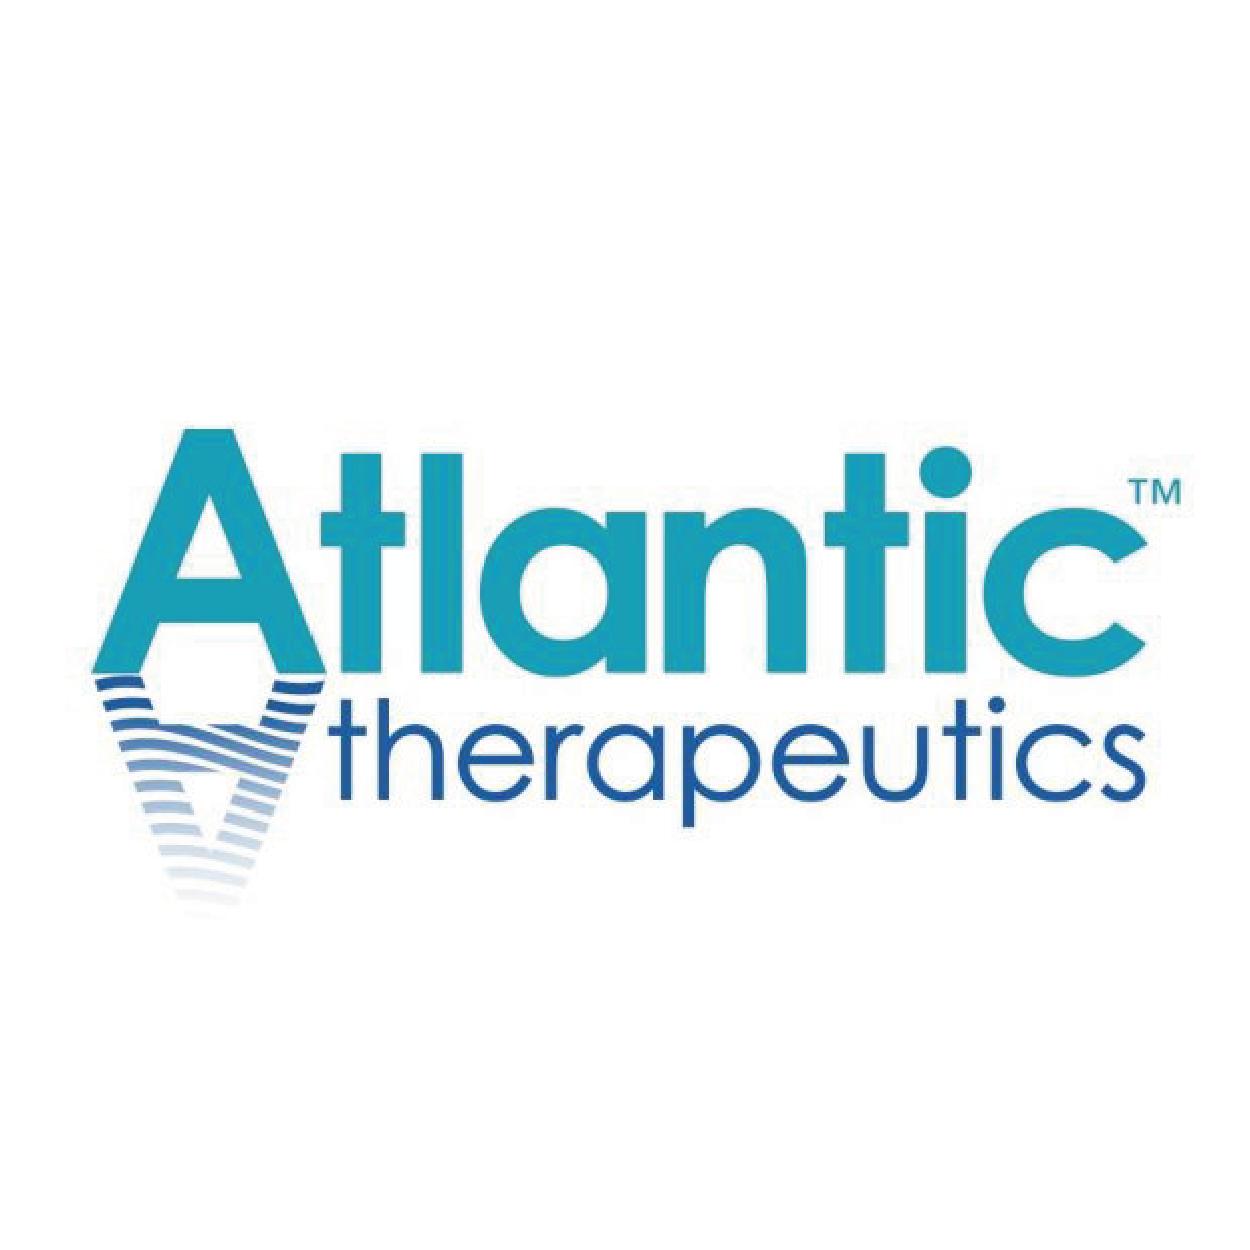 Atlantic Therapeutics